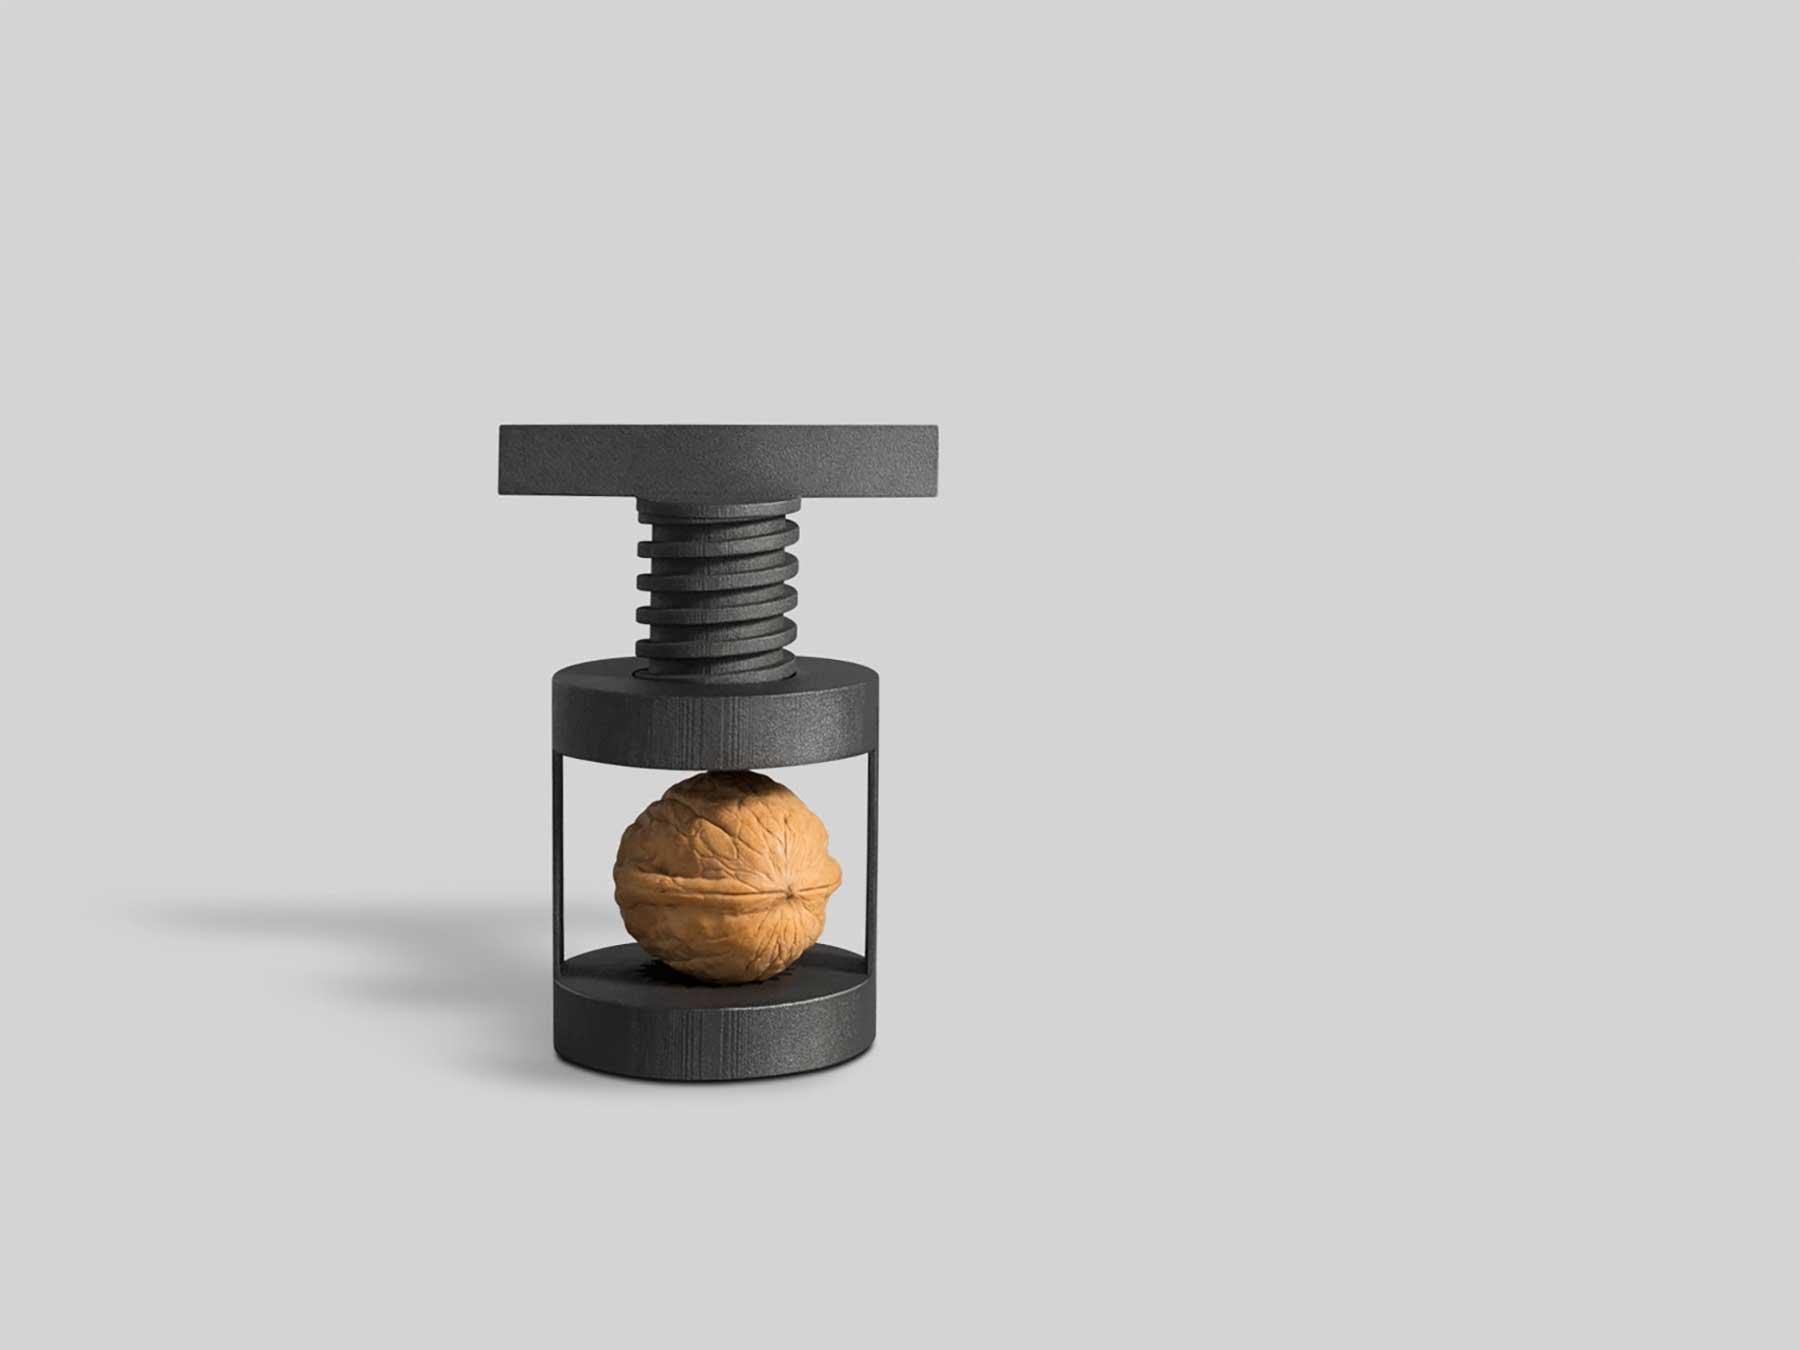 Minimalistisches Alltags-Design: OTHR OTHR-design_10